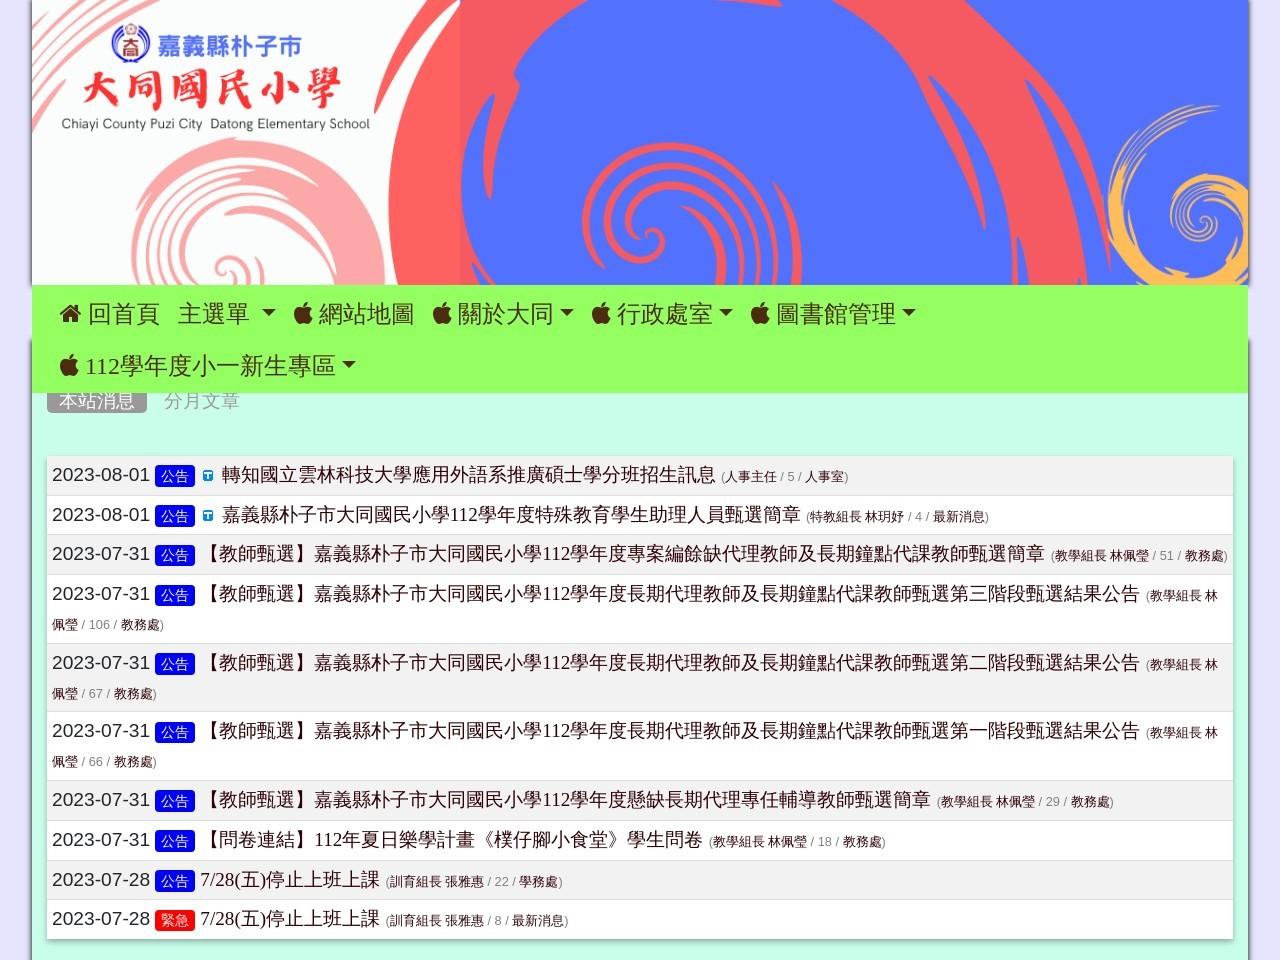 【競賽訊息】財團法人梅嶺美術文教基金會辦理110年第二屆『梅嶺盃』書法比賽